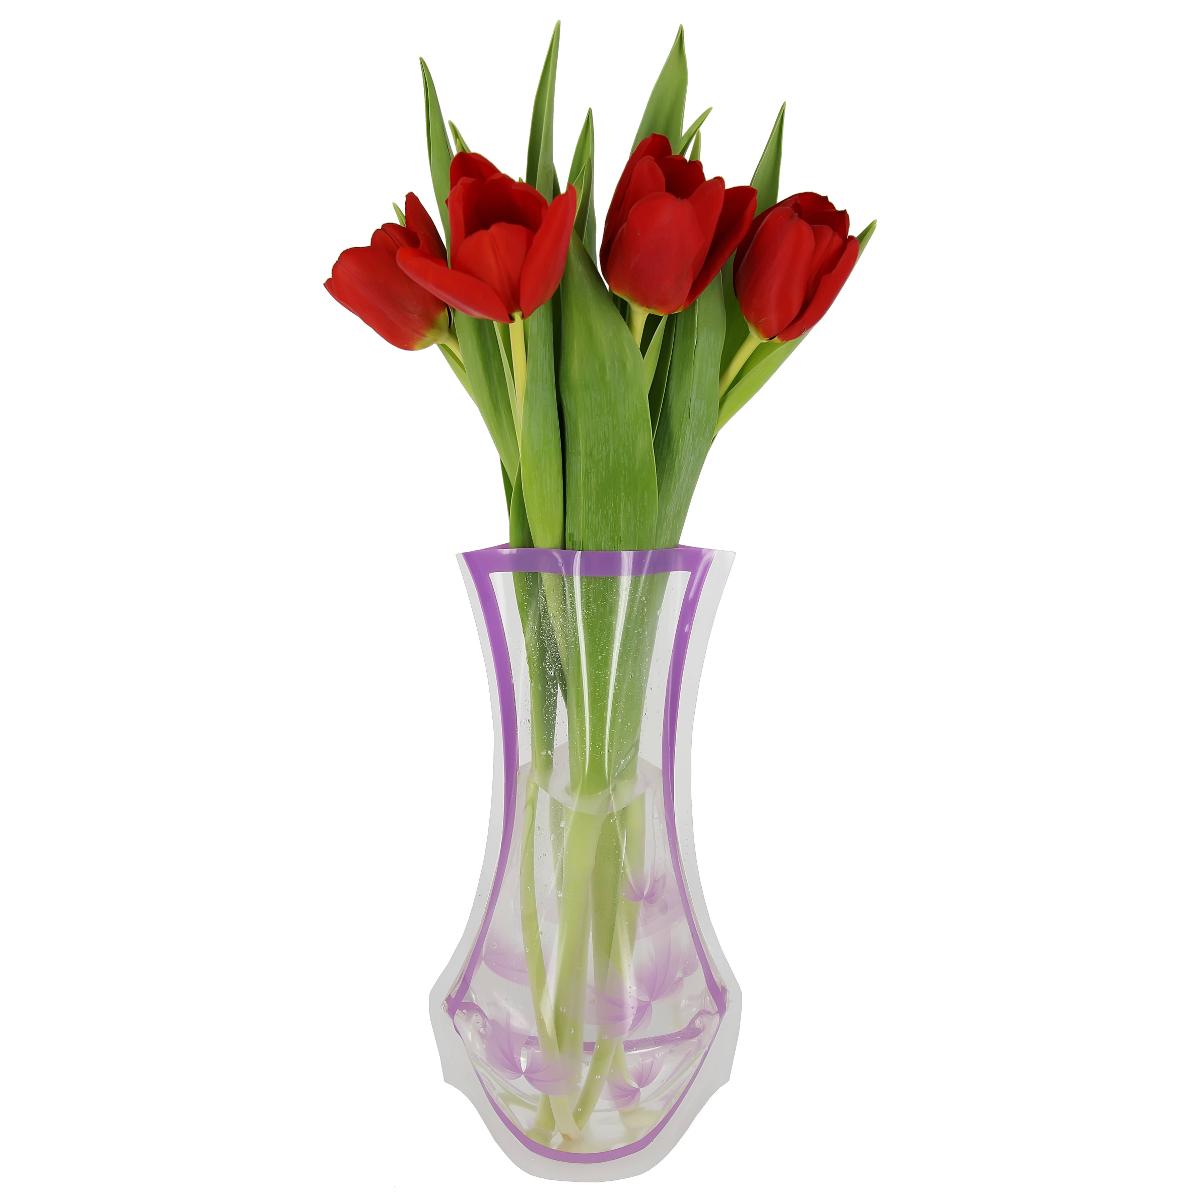 Ваза МастерПроф Фиолетовые лепестки, пластичная, 1,2 лFS-80423Пластичная ваза Фиолетовые лепестки легко складывается, удобно хранится - занимает мало места, долго служит. Всегда пригодится дома, в офисе, на даче, для оформления различных мероприятий. Отлично подойдет для перевозки цветов, или просто в подарок.Инструкция: 1. Наполните вазу теплой водой;2. Дно и стенки расправятся;3. Вылейте воду;4. Наполните вазу холодной водой;5. Вставьте цветы.Меры предосторожности:Хранить вдали от источников тепла и яркого солнечного света. С осторожностью применять для растений с длинными стеблями и с крупными соцветиями, что бы избежать опрокидывания вазы.